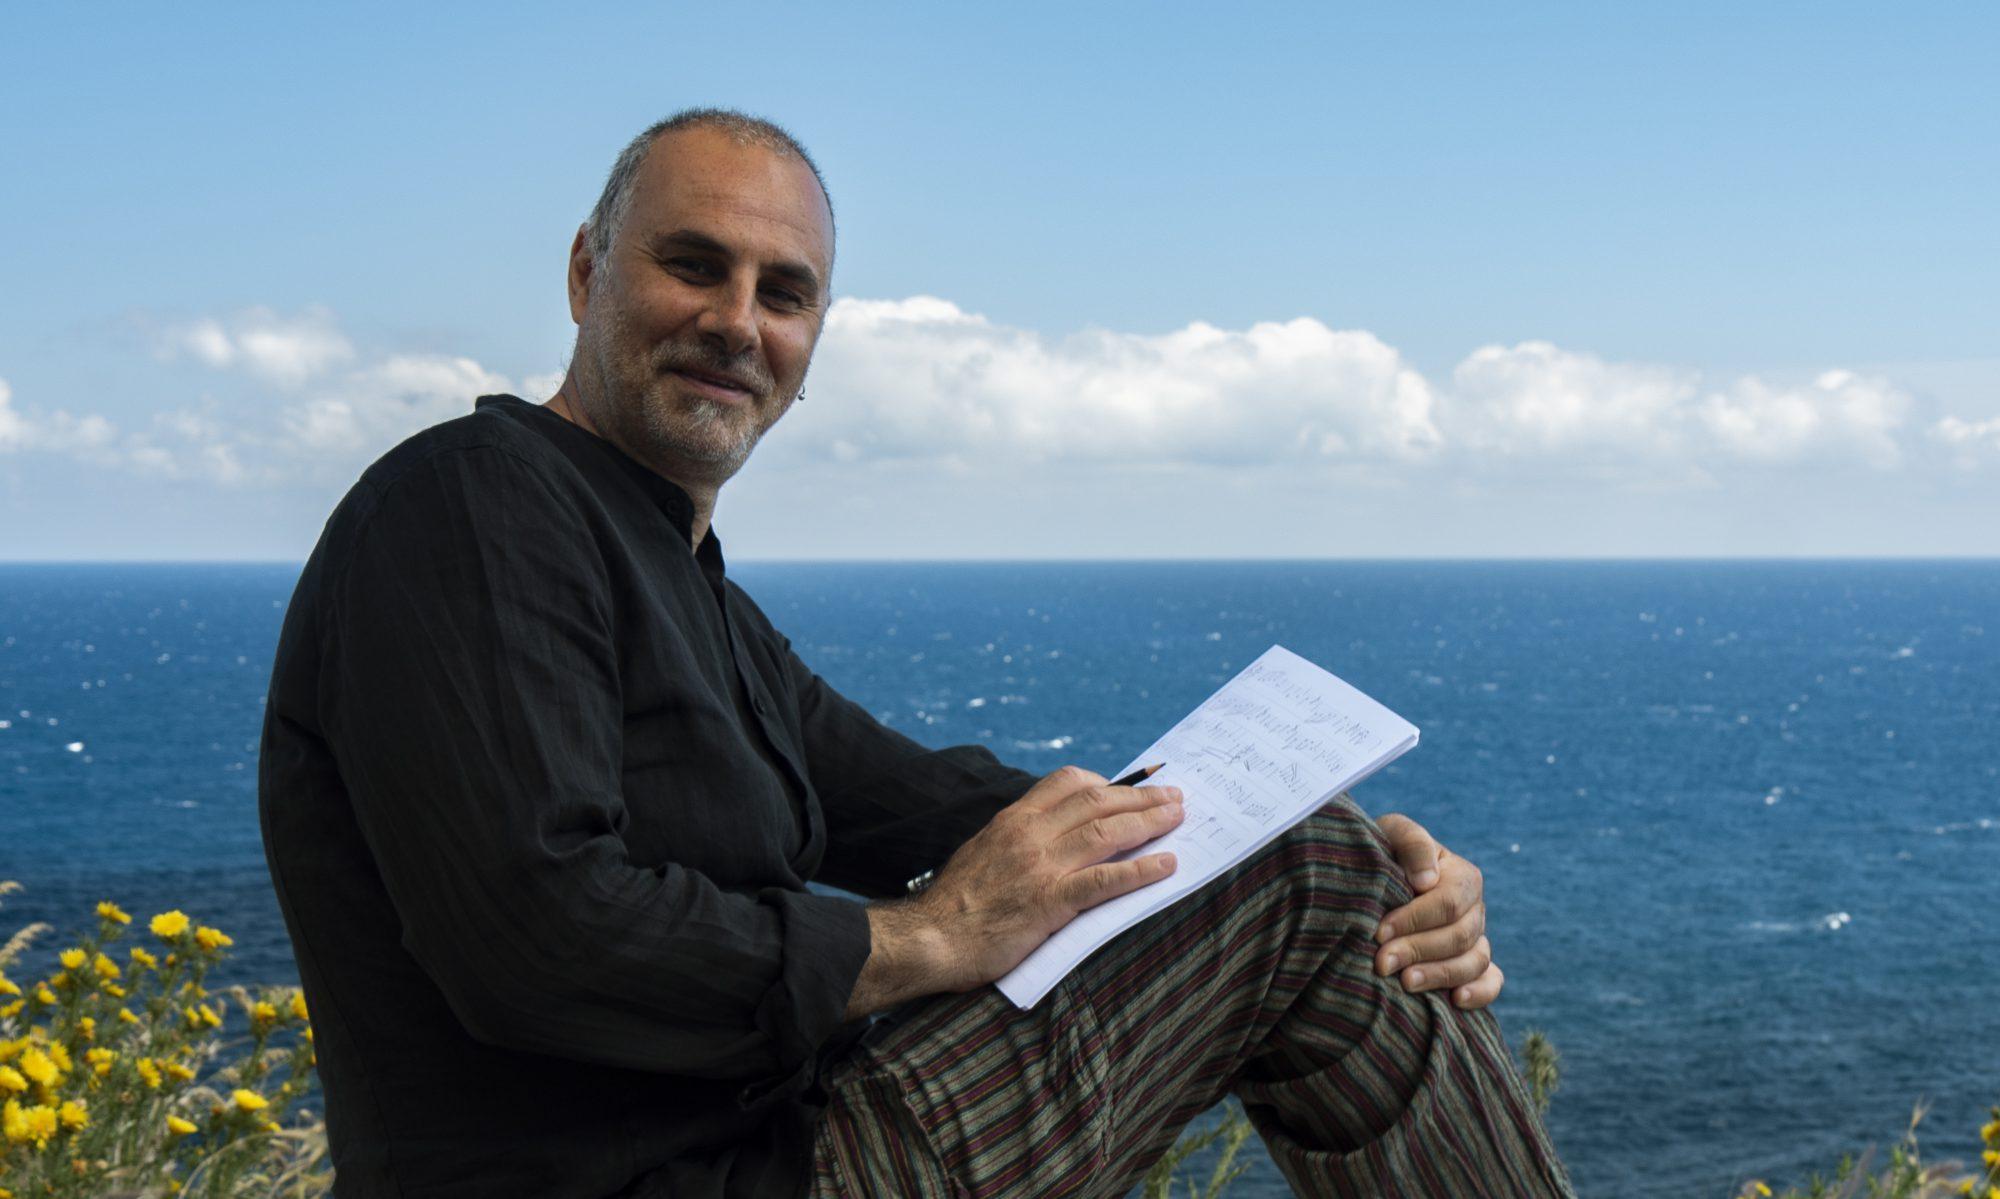 Maurizio Bignone